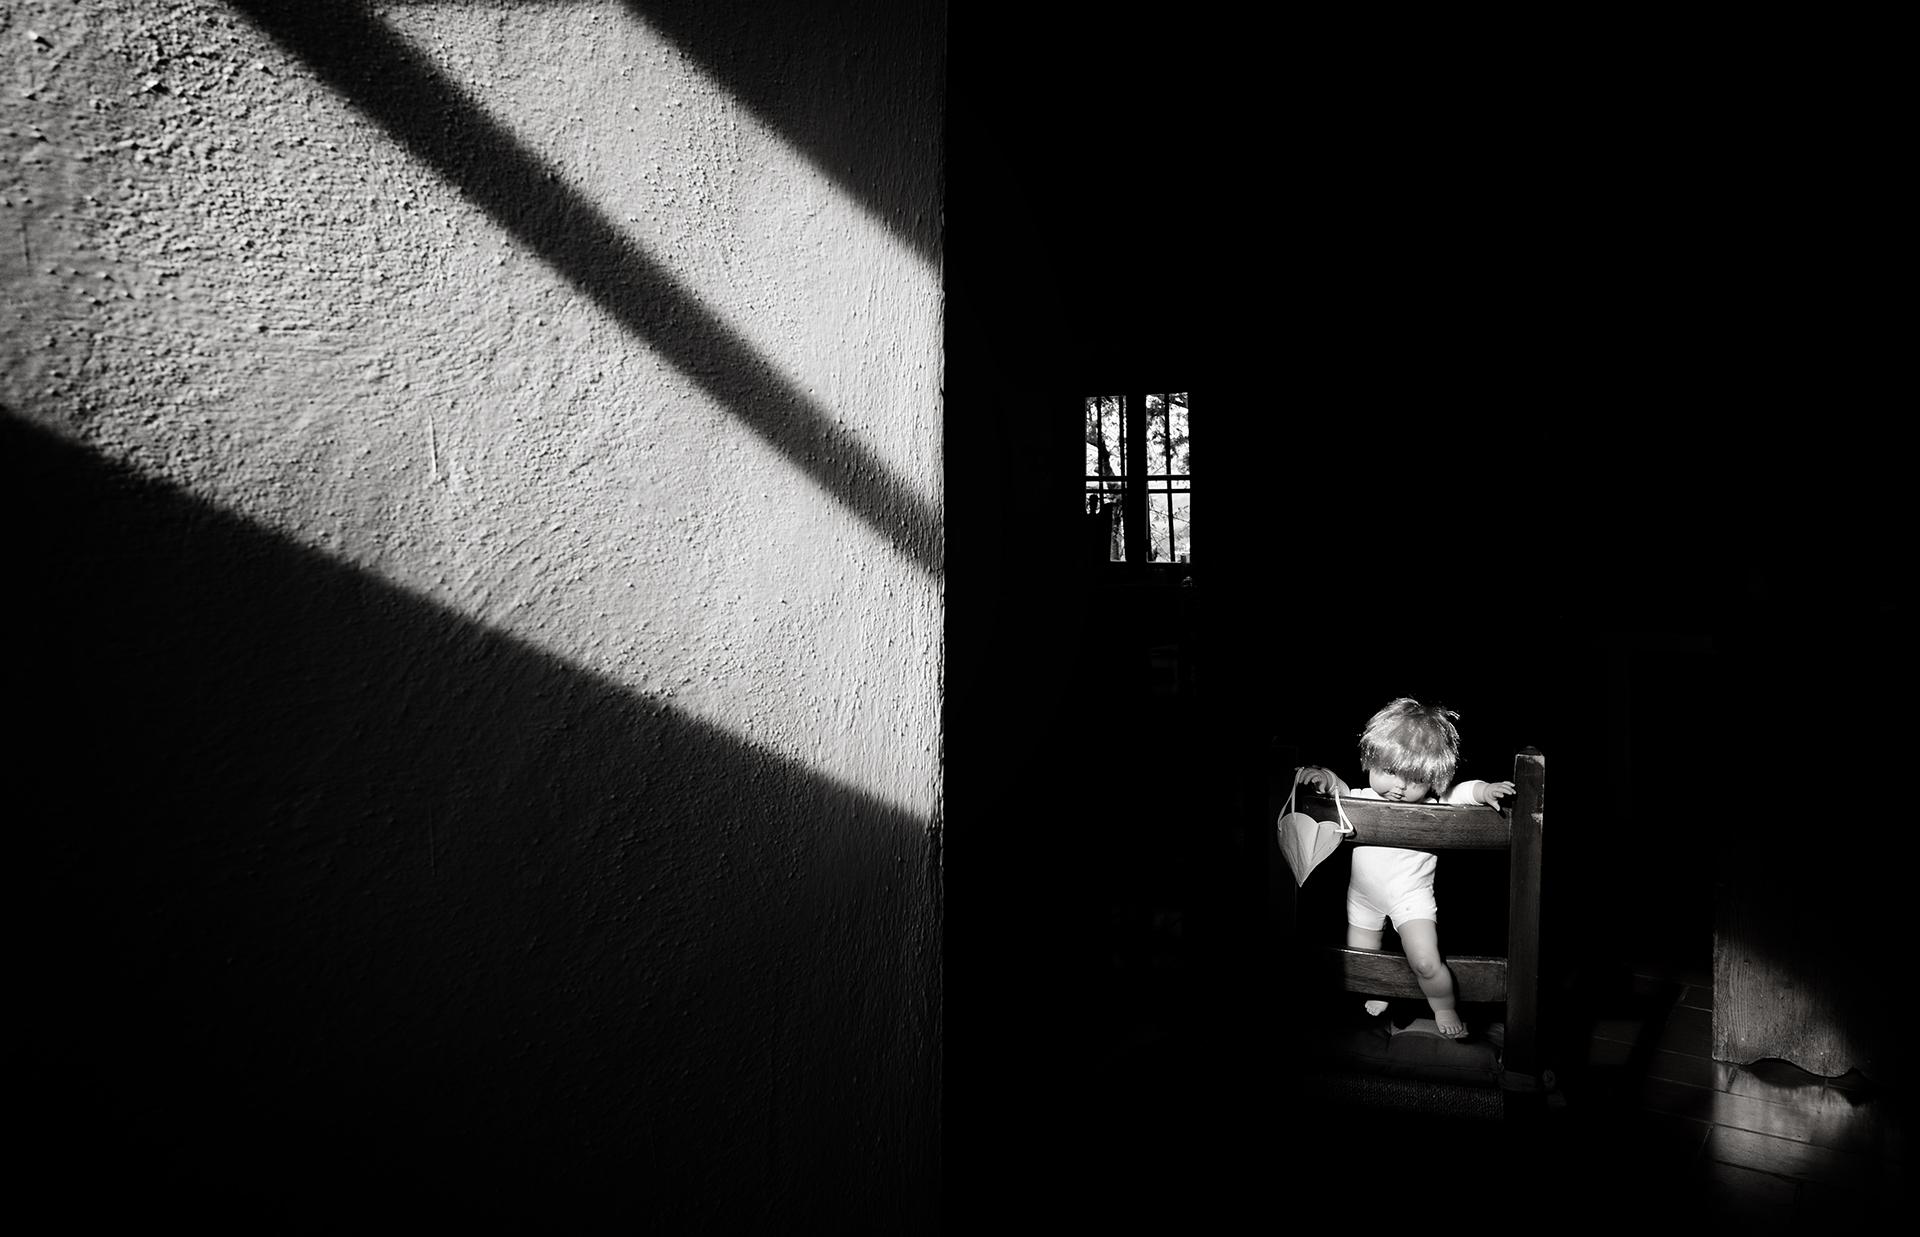 Foto n° 12 QUINTA– PHOTO CLUB MUGELLOLUCA MERCATALI  Un po' di luce entra, la speranza del ritornare fuori la rappresenta la finestra, un bambolotto simboleggia la forzata reclusione, se così si può dire. Gli elementi che compaiono non sono in gran numer